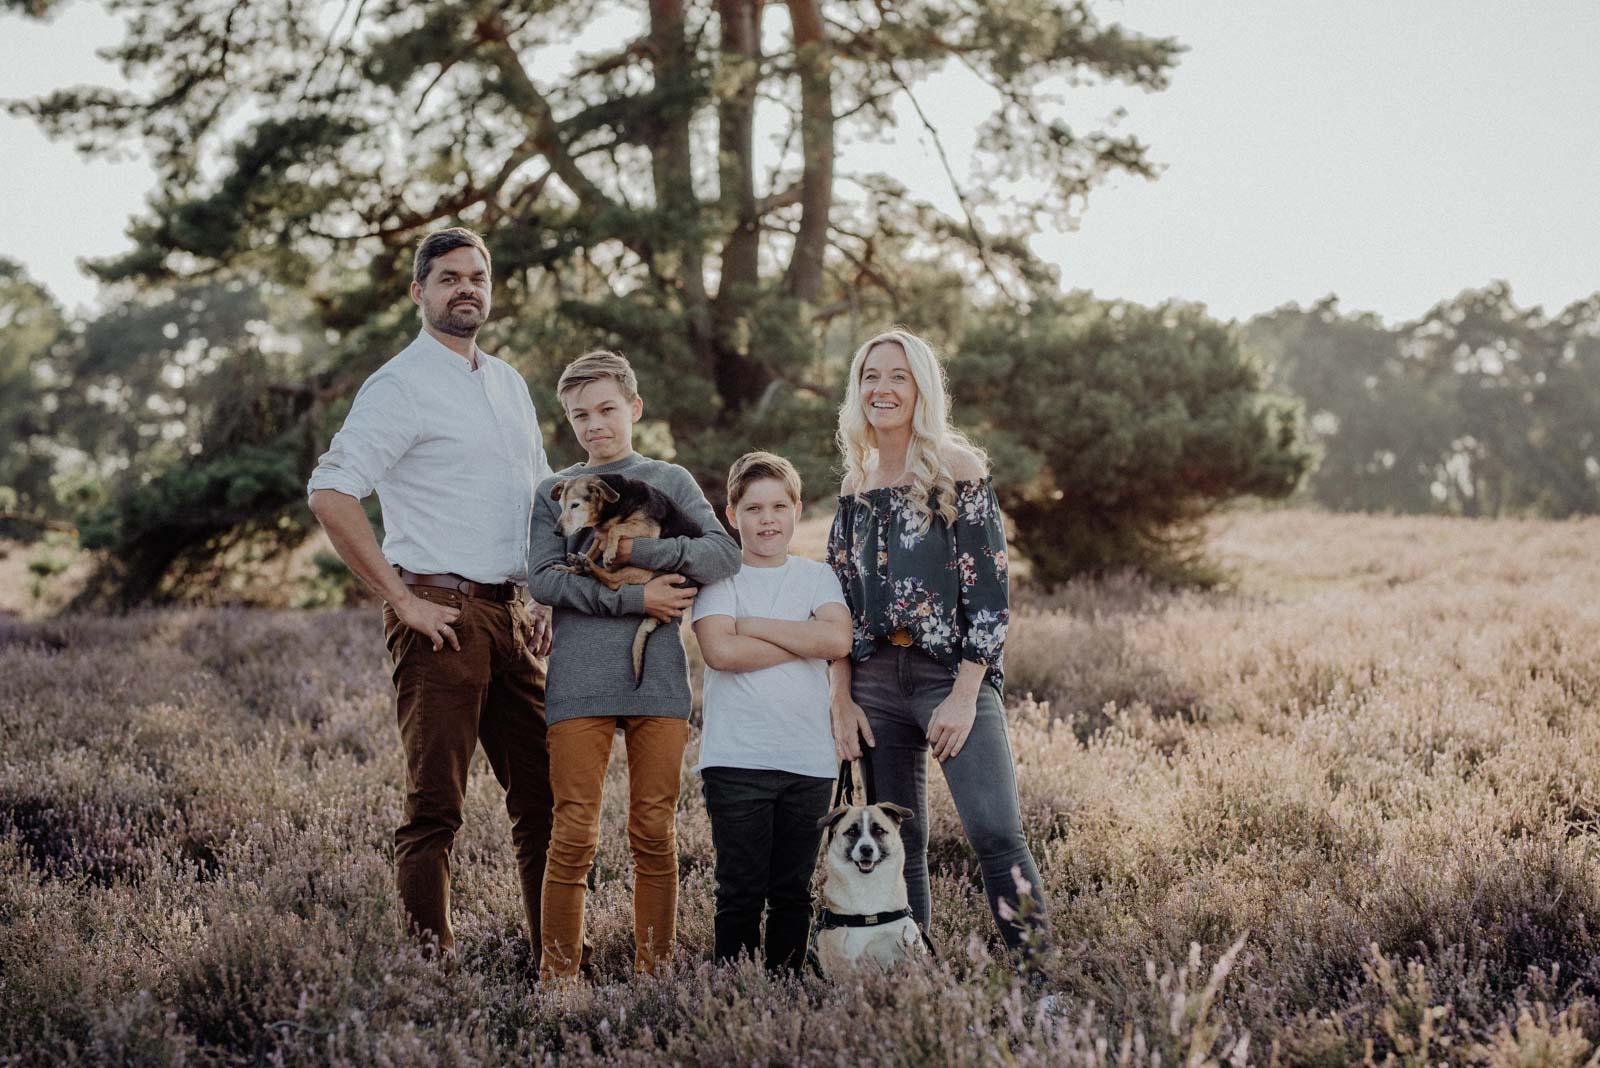 006-Familienfotos-Familienreportage-Heideshooting-natürlich-Heide